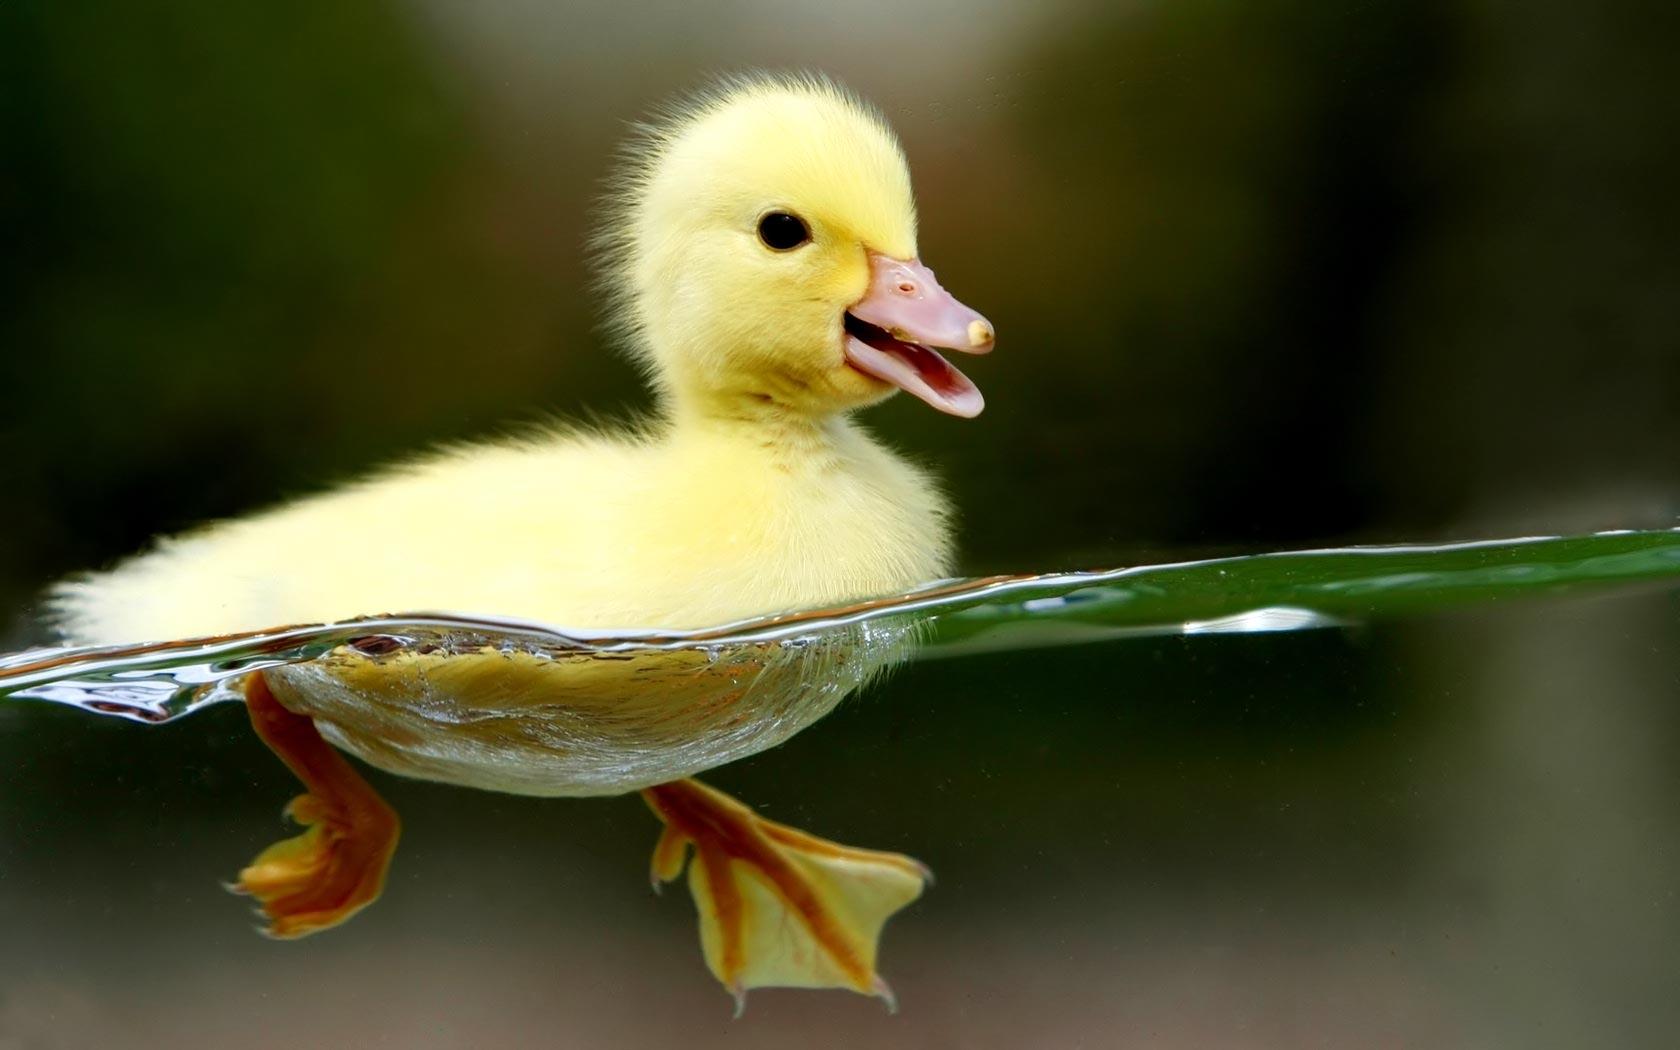 14 bellissime immagini di animali ad alta risoluzione for Foto desktop animali